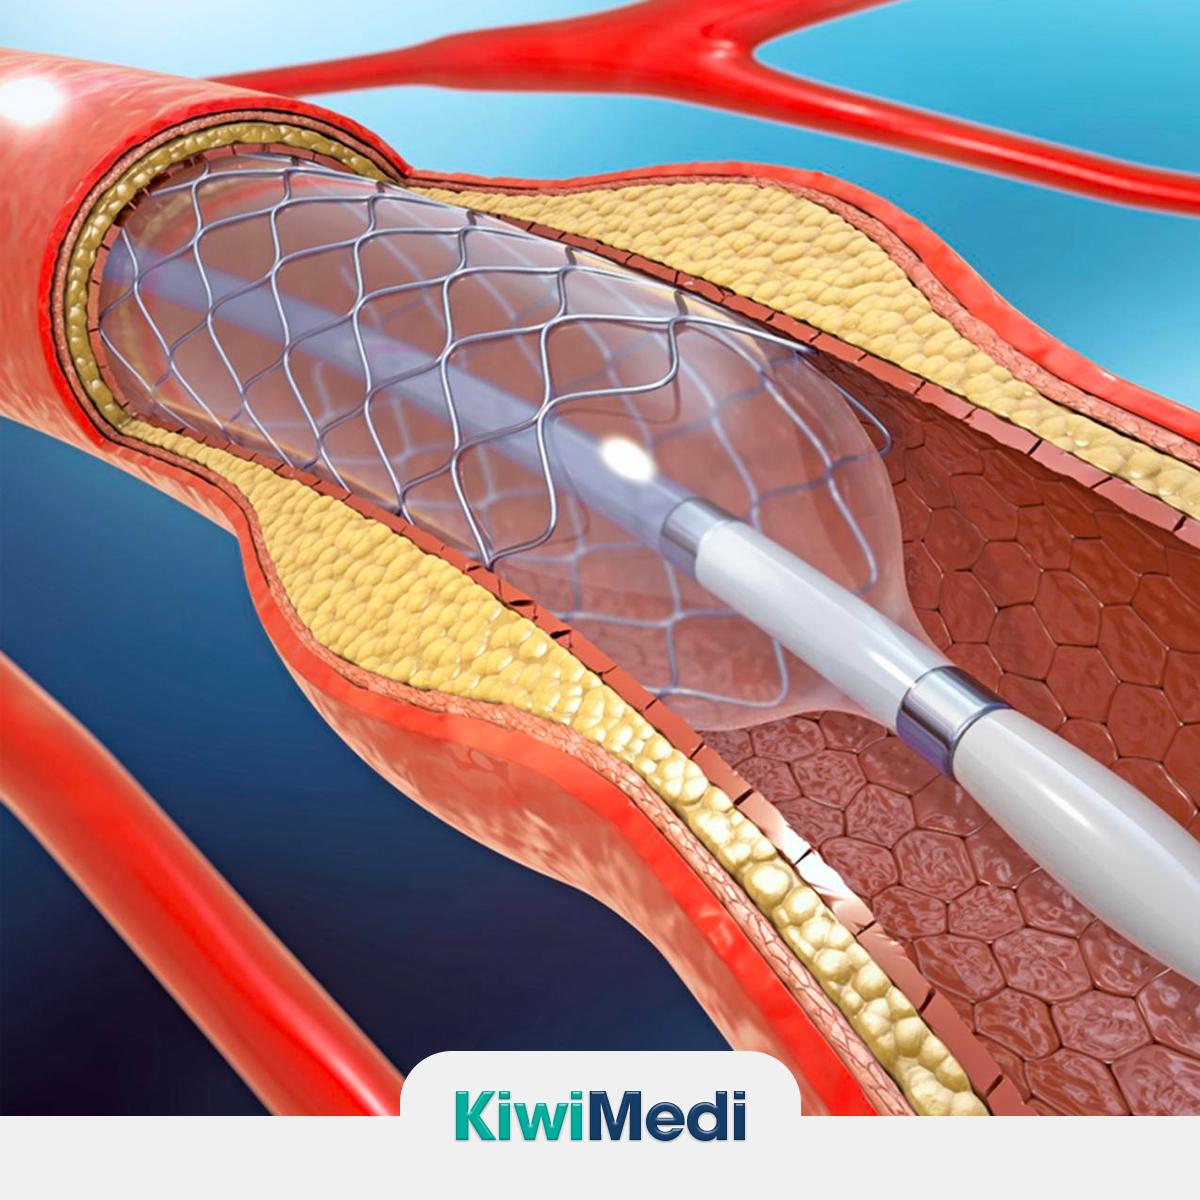 Anjiyoplasti (Stent) İşleminin Riskleri ve Komplikasyonları